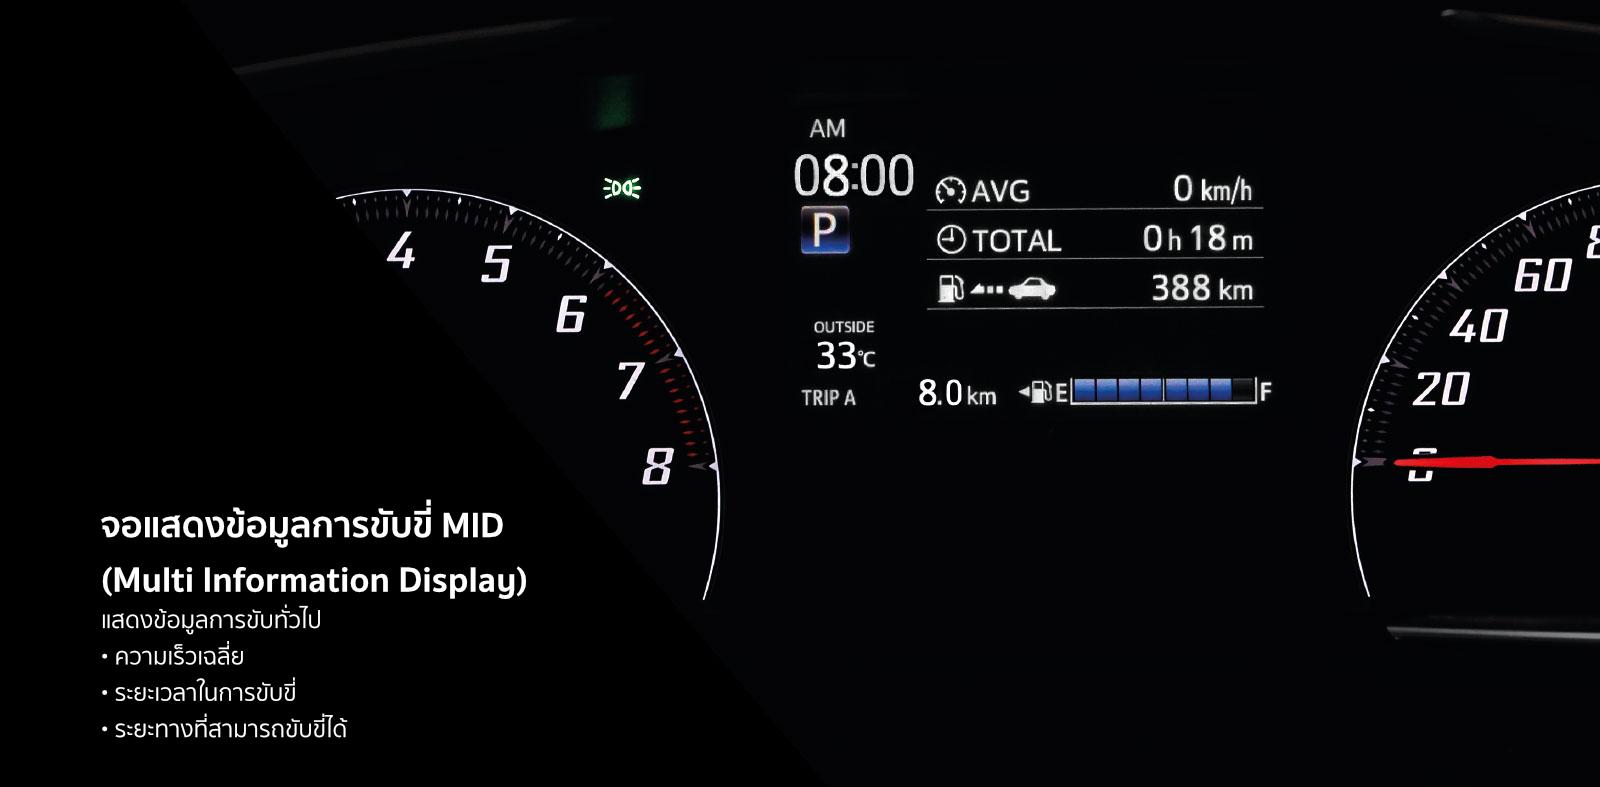 จอแสดงข้อมูลการขับขี่ MID (Multi Information Display)แสดงข้อมูลการขับทั่วไป : ความเร็วเฉลี่ย, ระยะเวลาในการขับขี่, ระยะทางที่สามารถขับขี่ได้